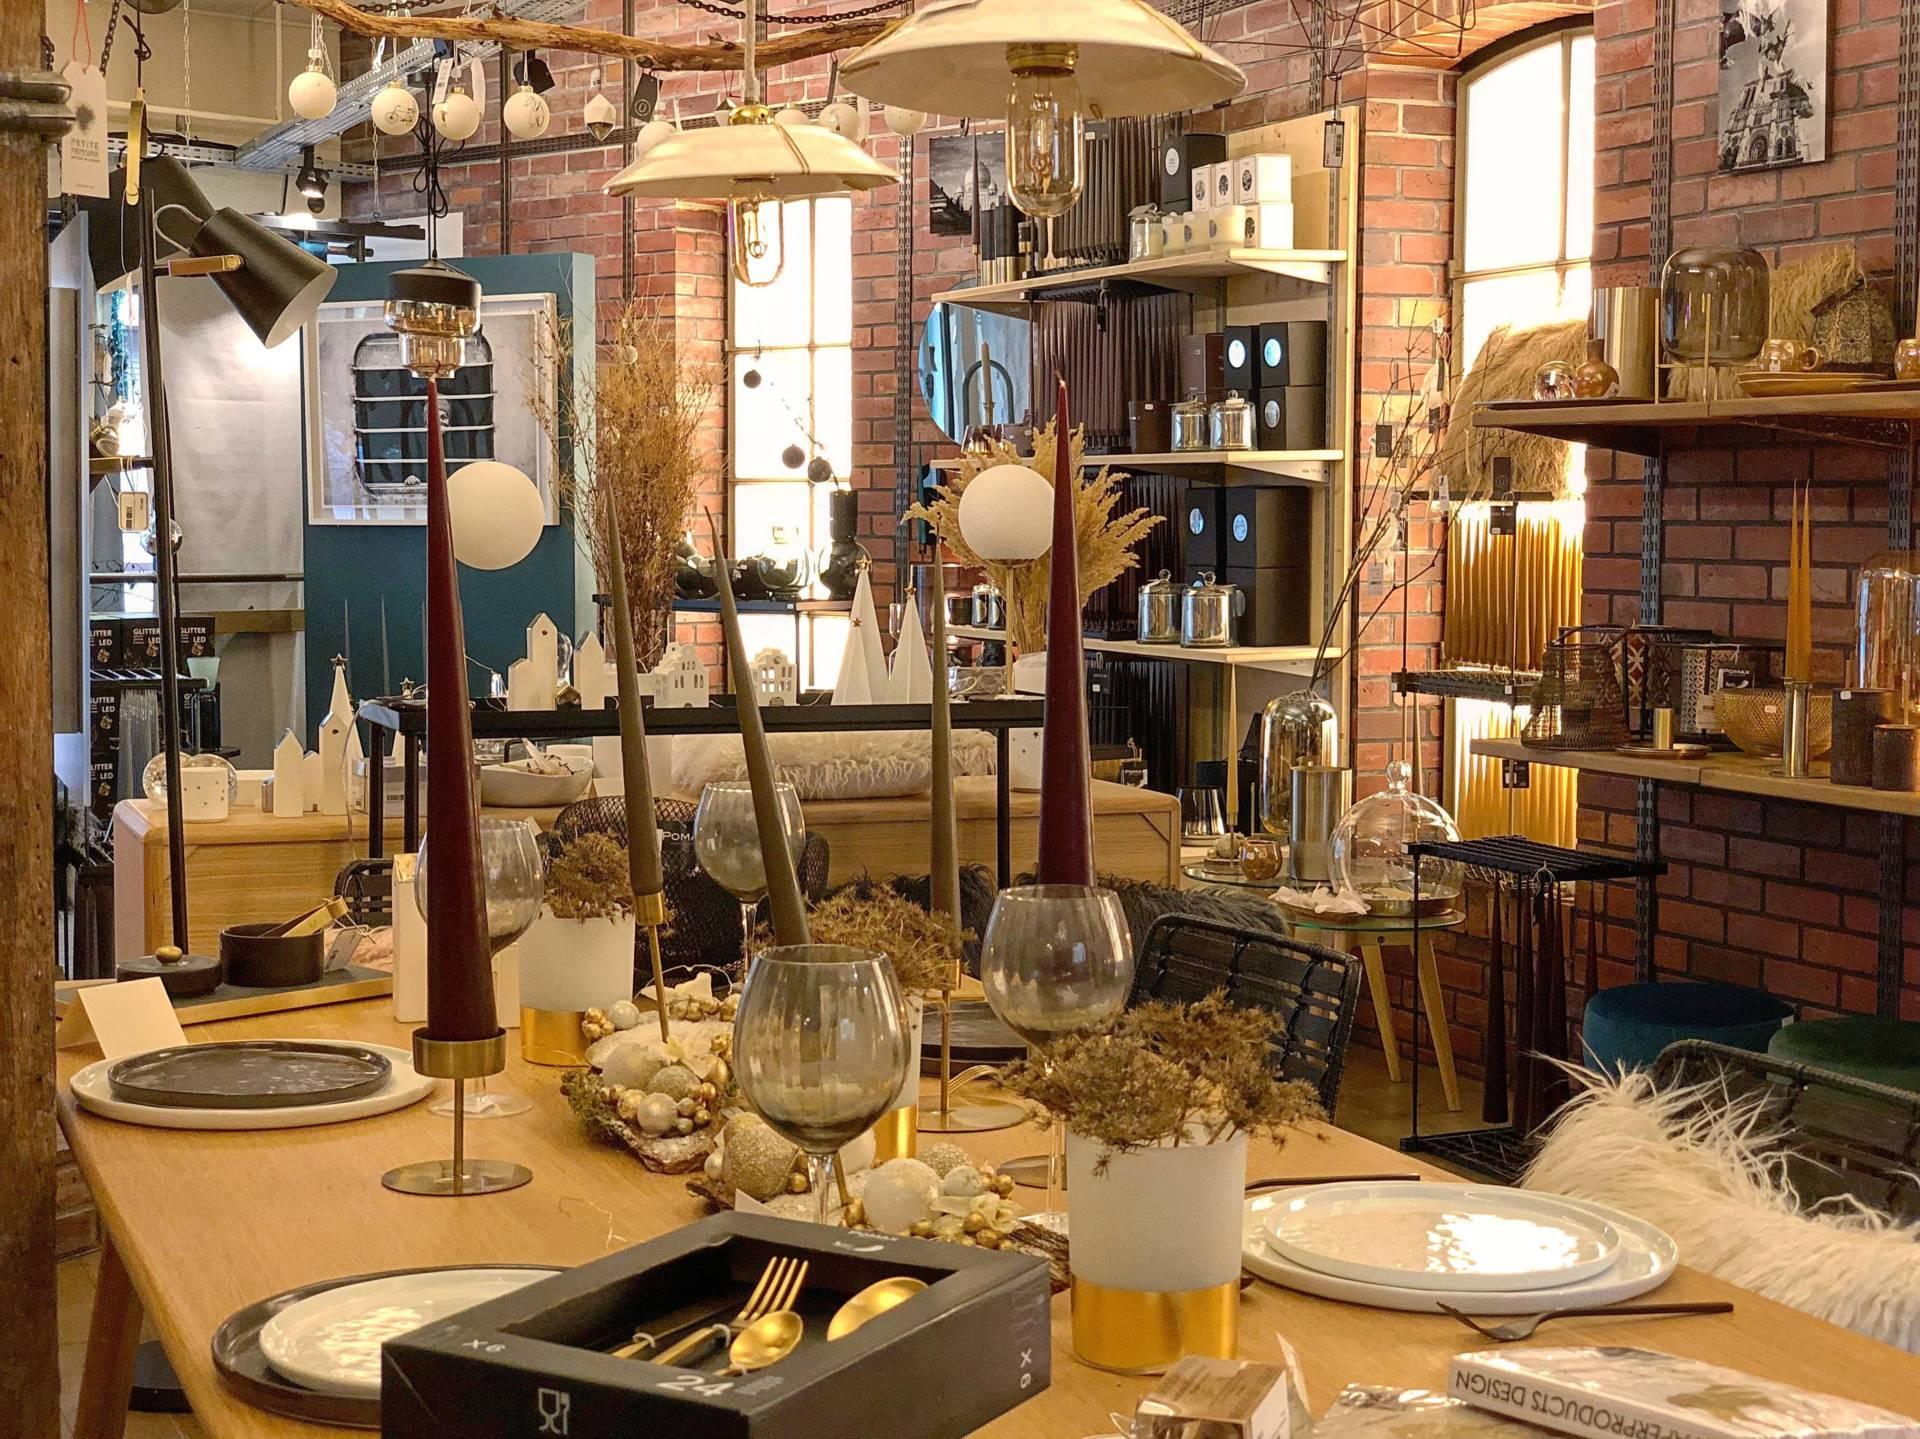 Inspiration Design, votre boutique de décoration à Colmar (68)-L'espace salle à manger du magasin